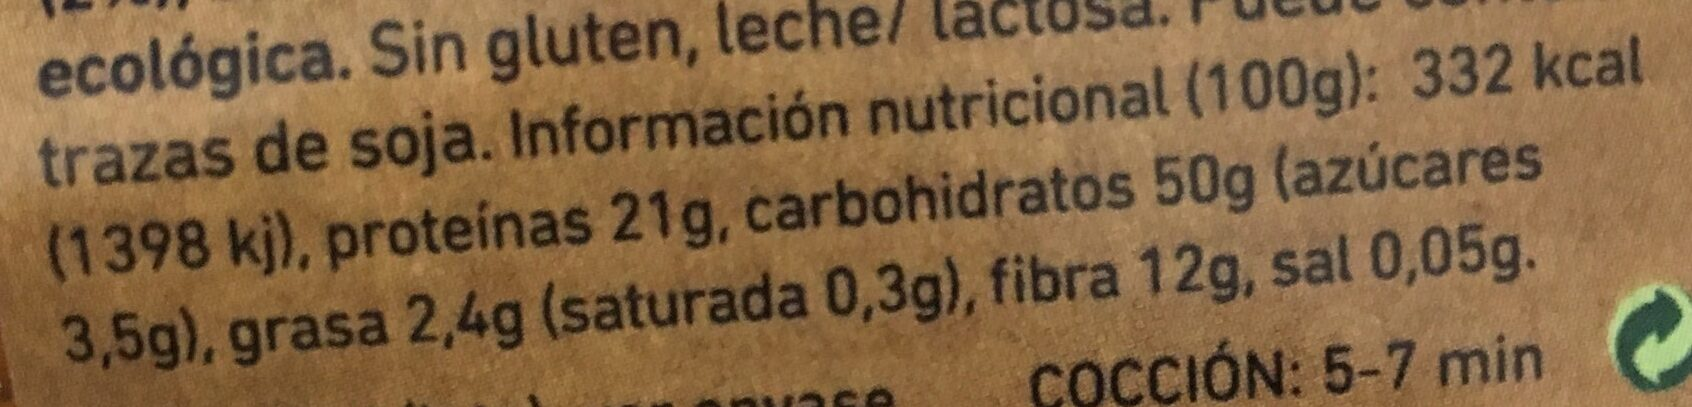 Fusilli garbanzo y curcuma - Información nutricional